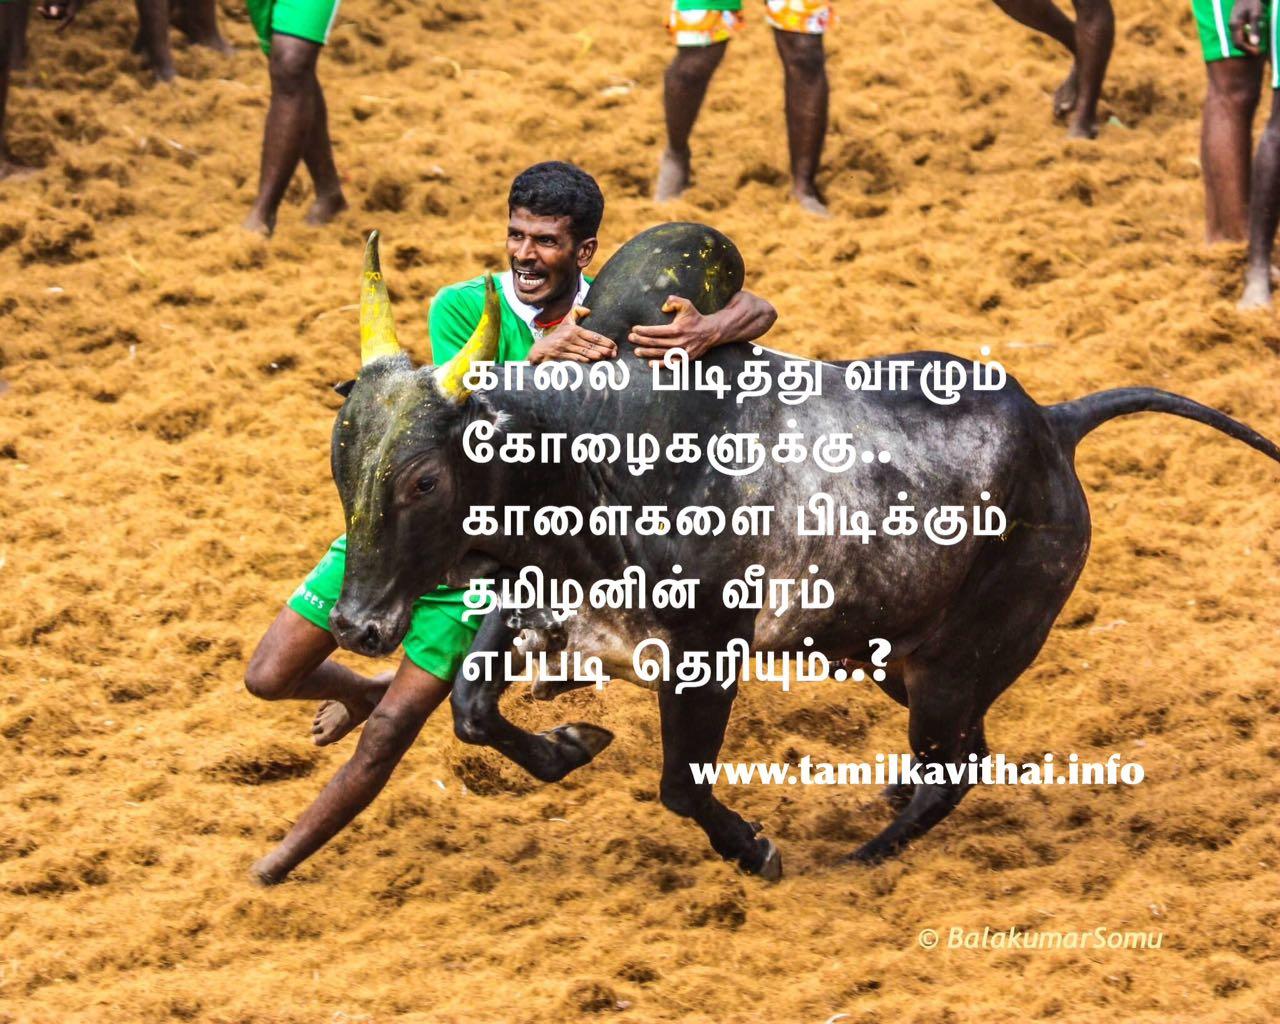 Tamil Kavithai Pongal Jallikattu Kaalai Image With Kavithai Lines